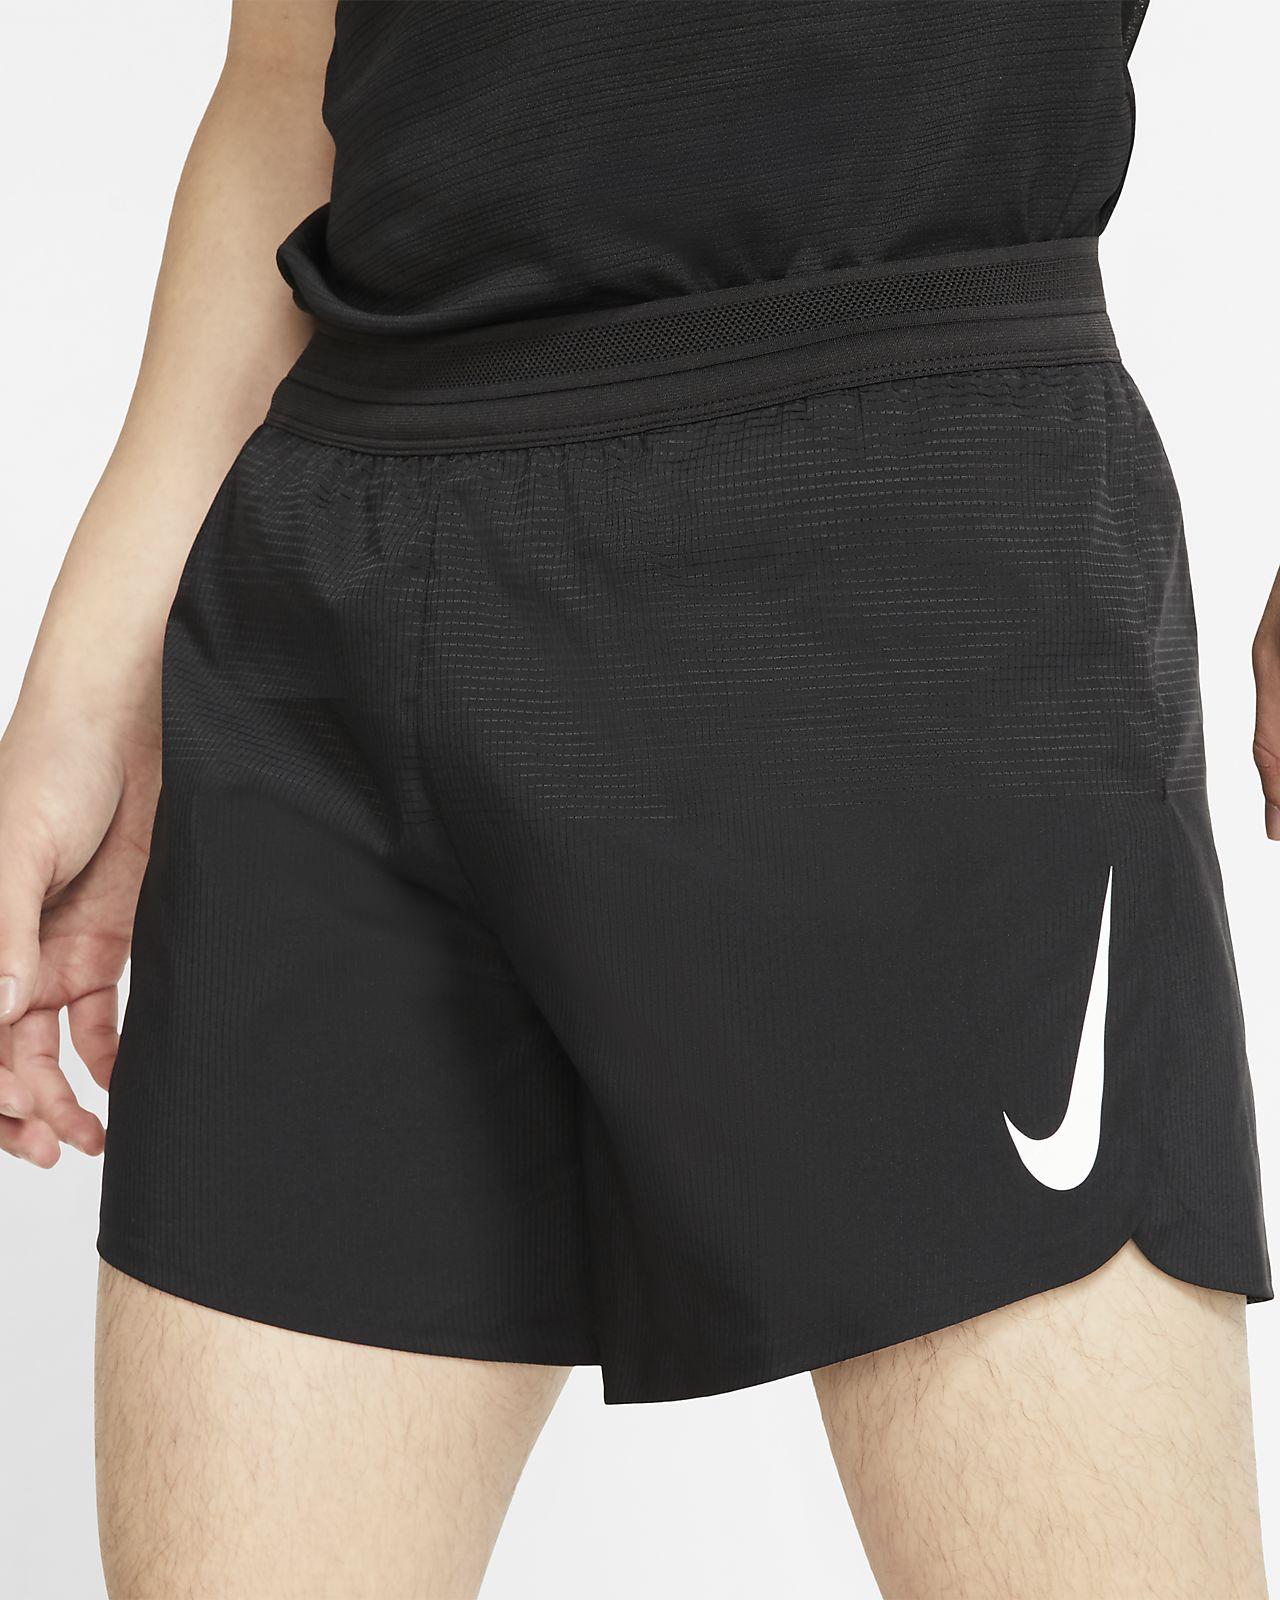 Męskie spodenki do biegania 13 cm Nike AeroSwift (Londyn)